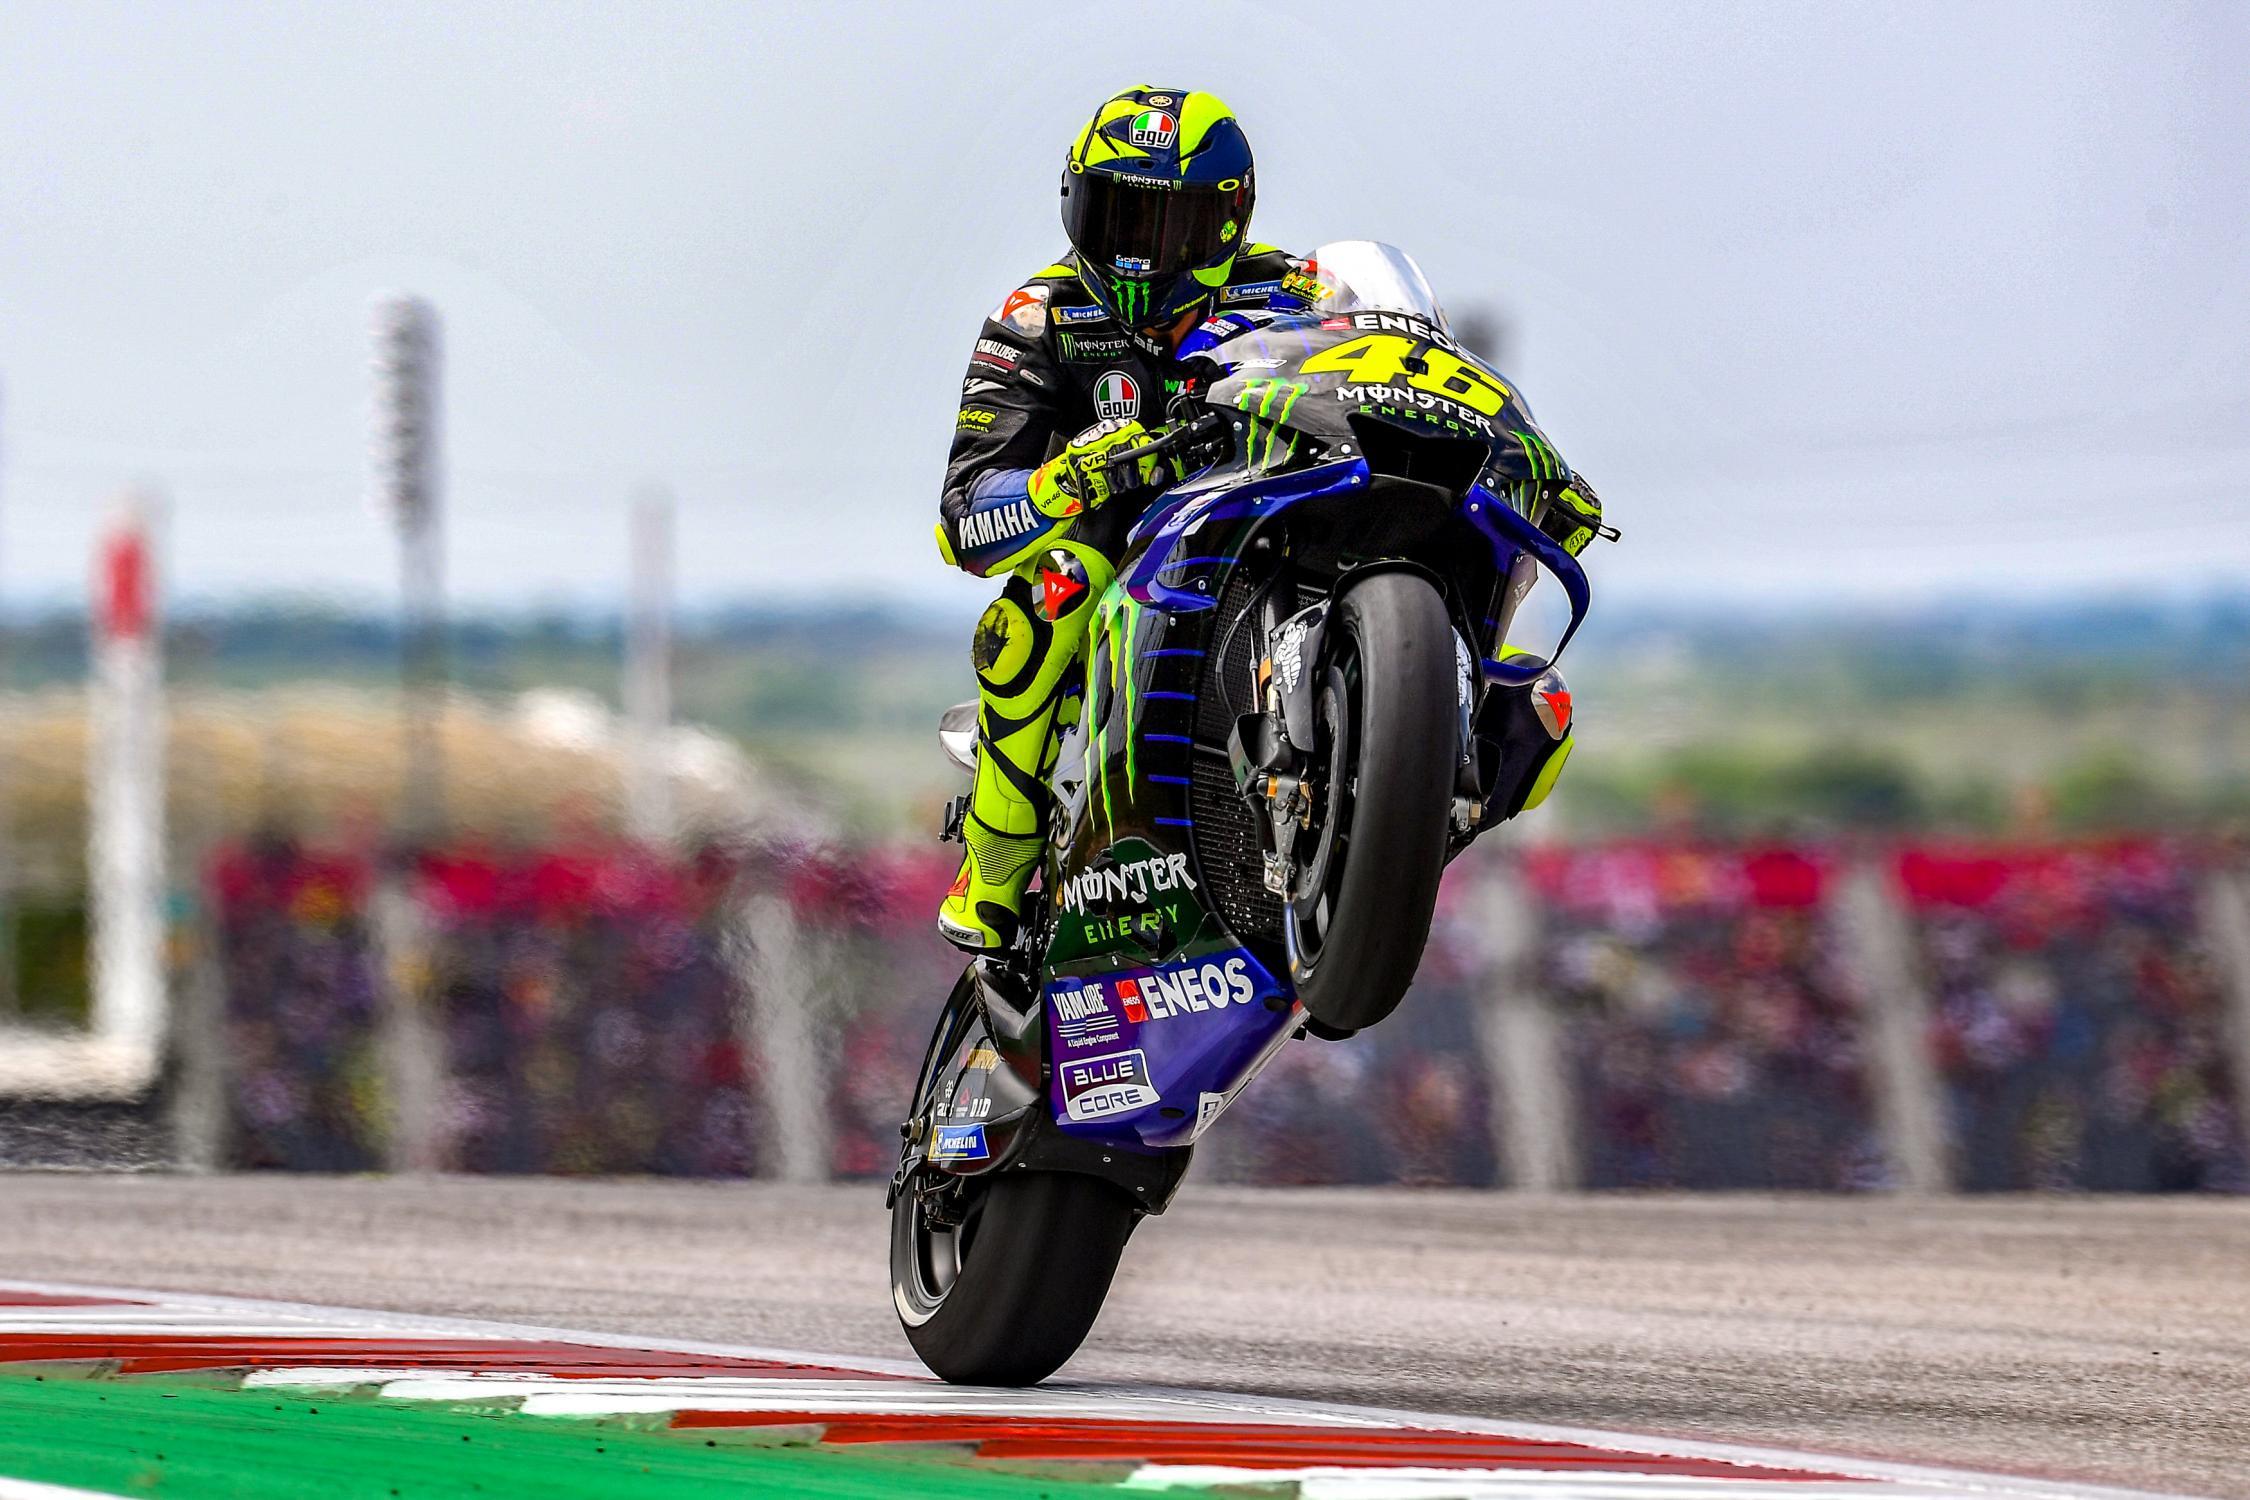 MotoGP - États-Unis - Circuit des Amériques, Austin-14 Avril 2019 - Page 2 Valentino-rossi-austin-motogp-2019-j2